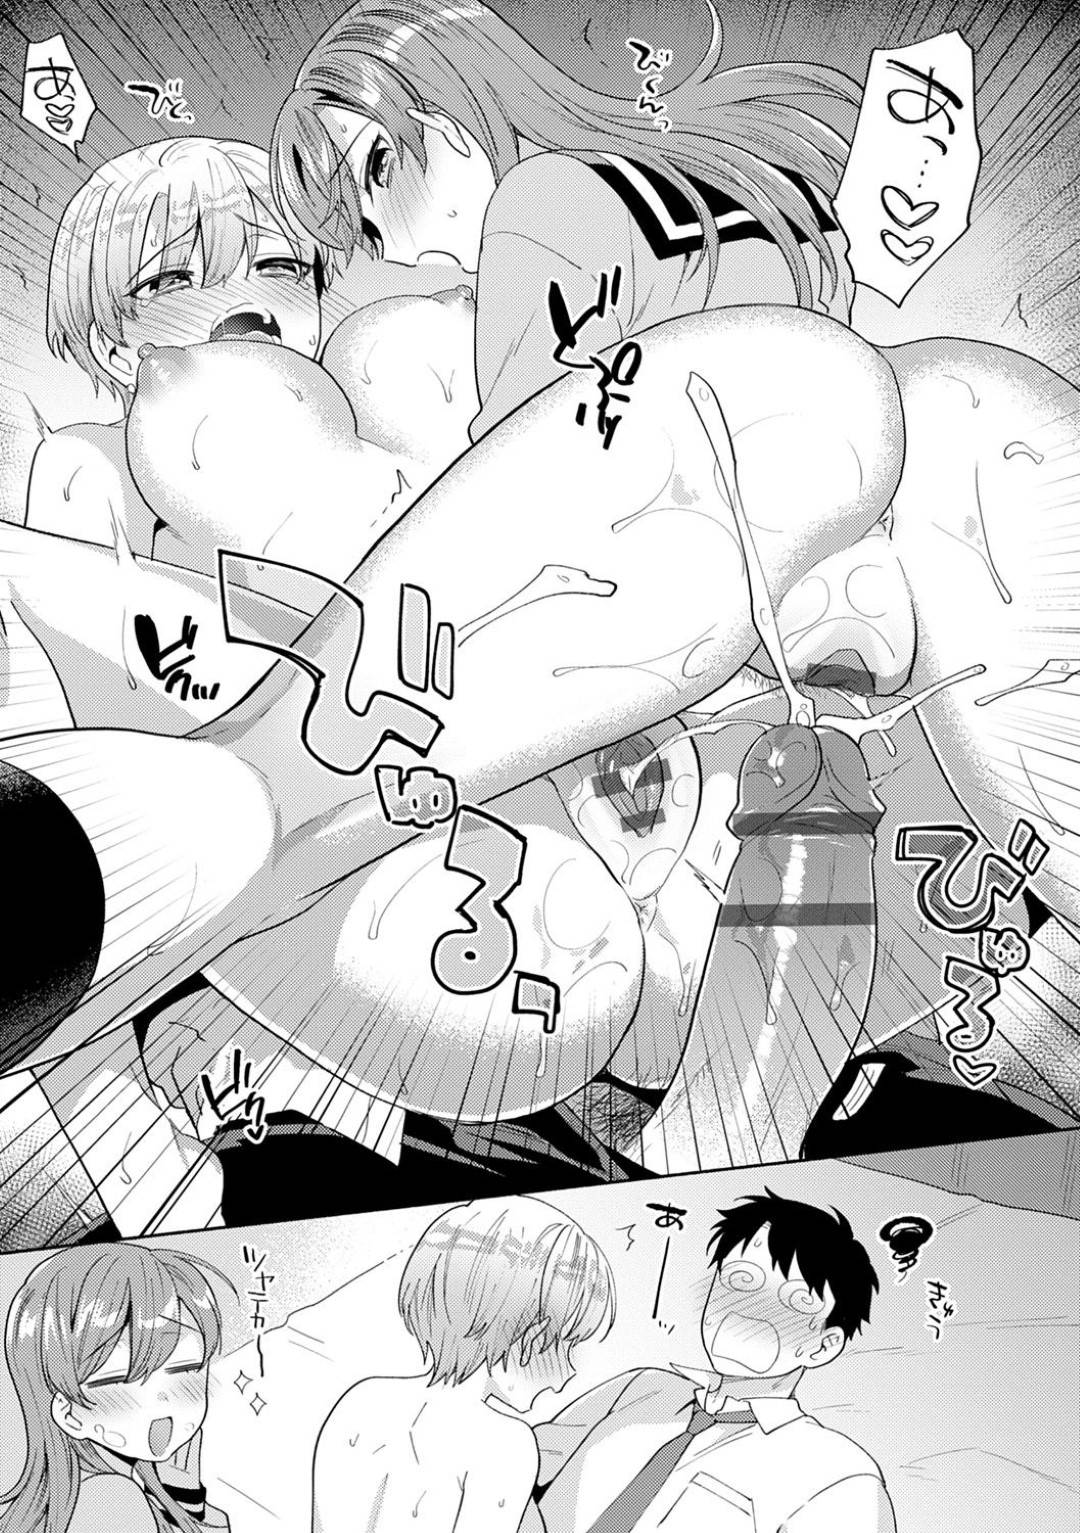 【エロ漫画】従兄の主人公にエッチな事を迫るJK姉妹…二人は半強引にディープキスやフェラをし、騎乗位で3Pセックスする!【ももずみ純:タマモネラッシュ 2】